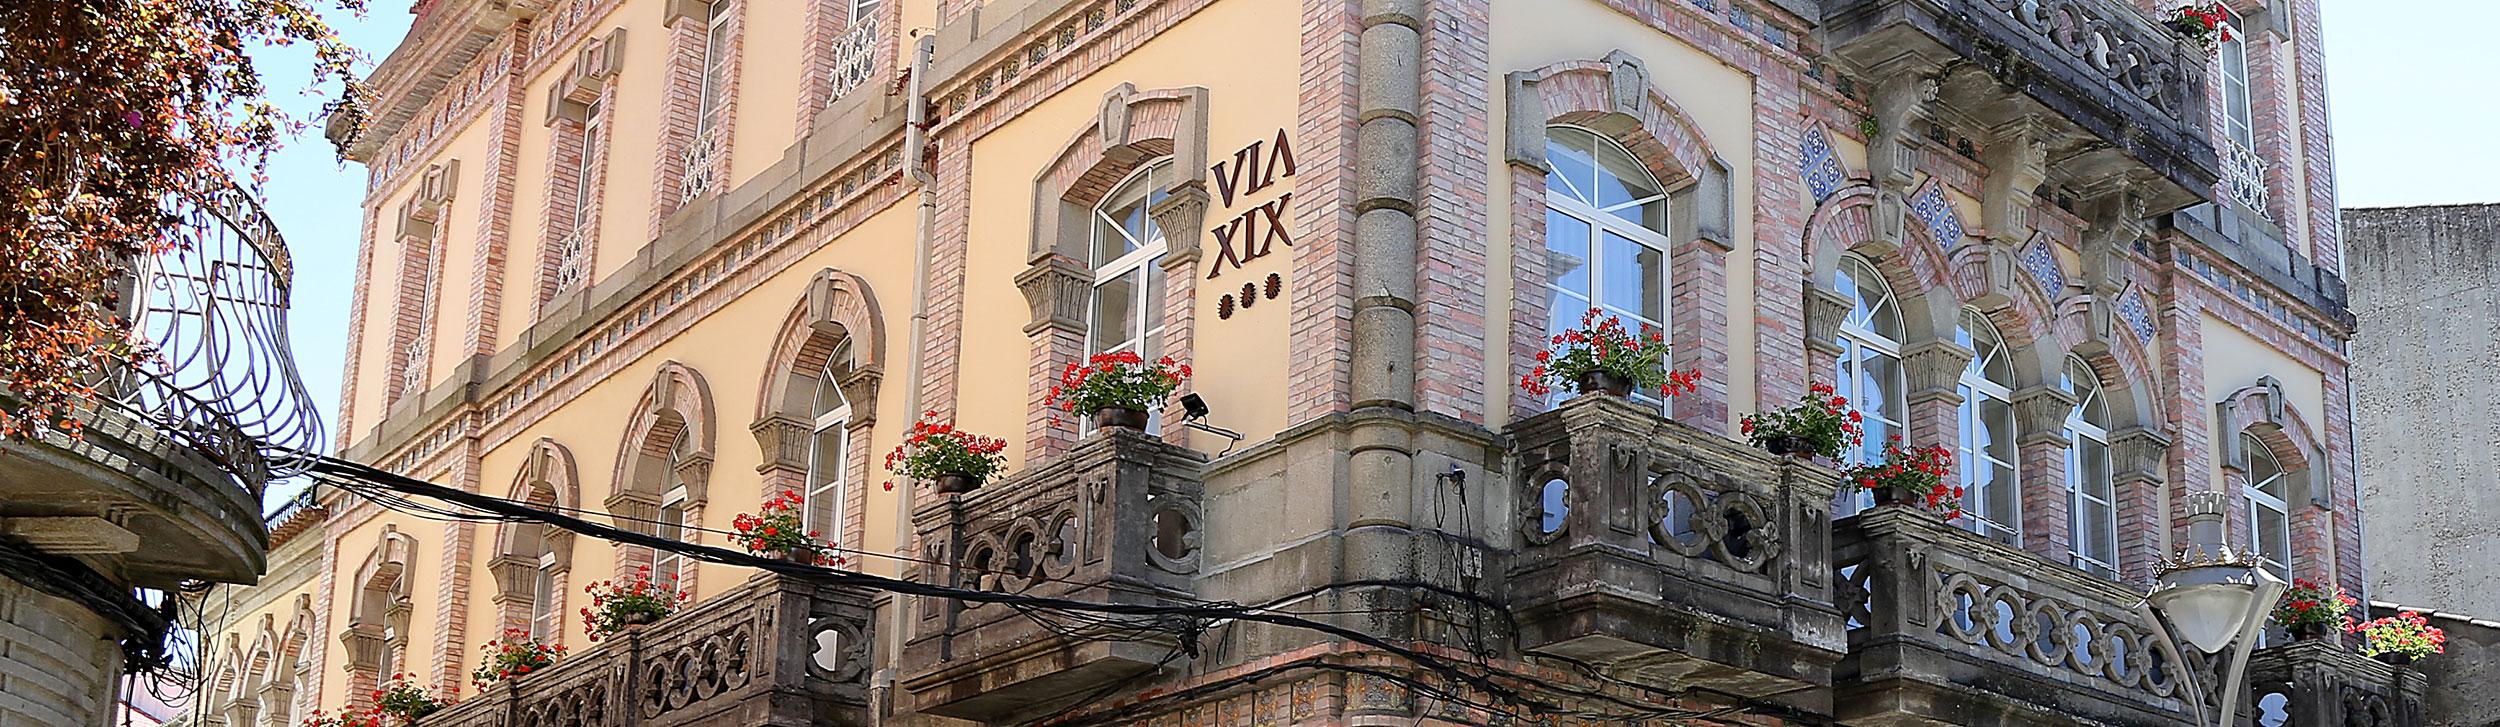 Fachada Alojamiento Hotelero Via XIX